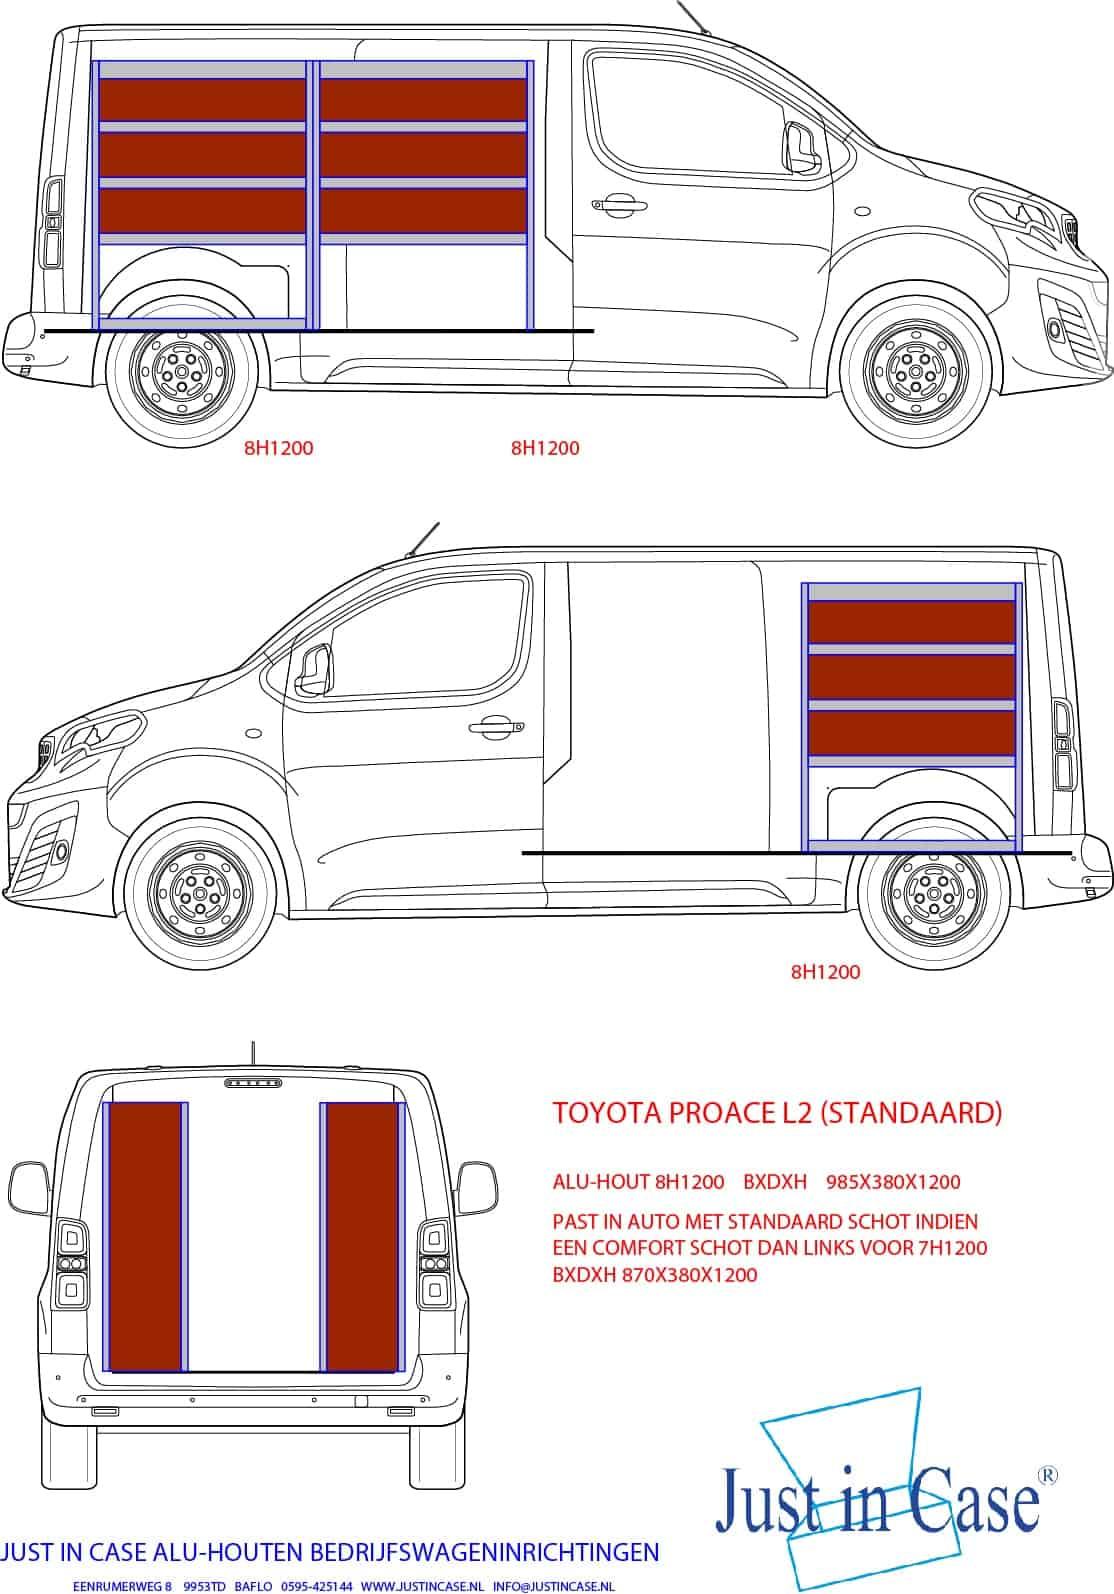 Toyota Pro ACE (Standaard) Bedrijfswageninrichting schets